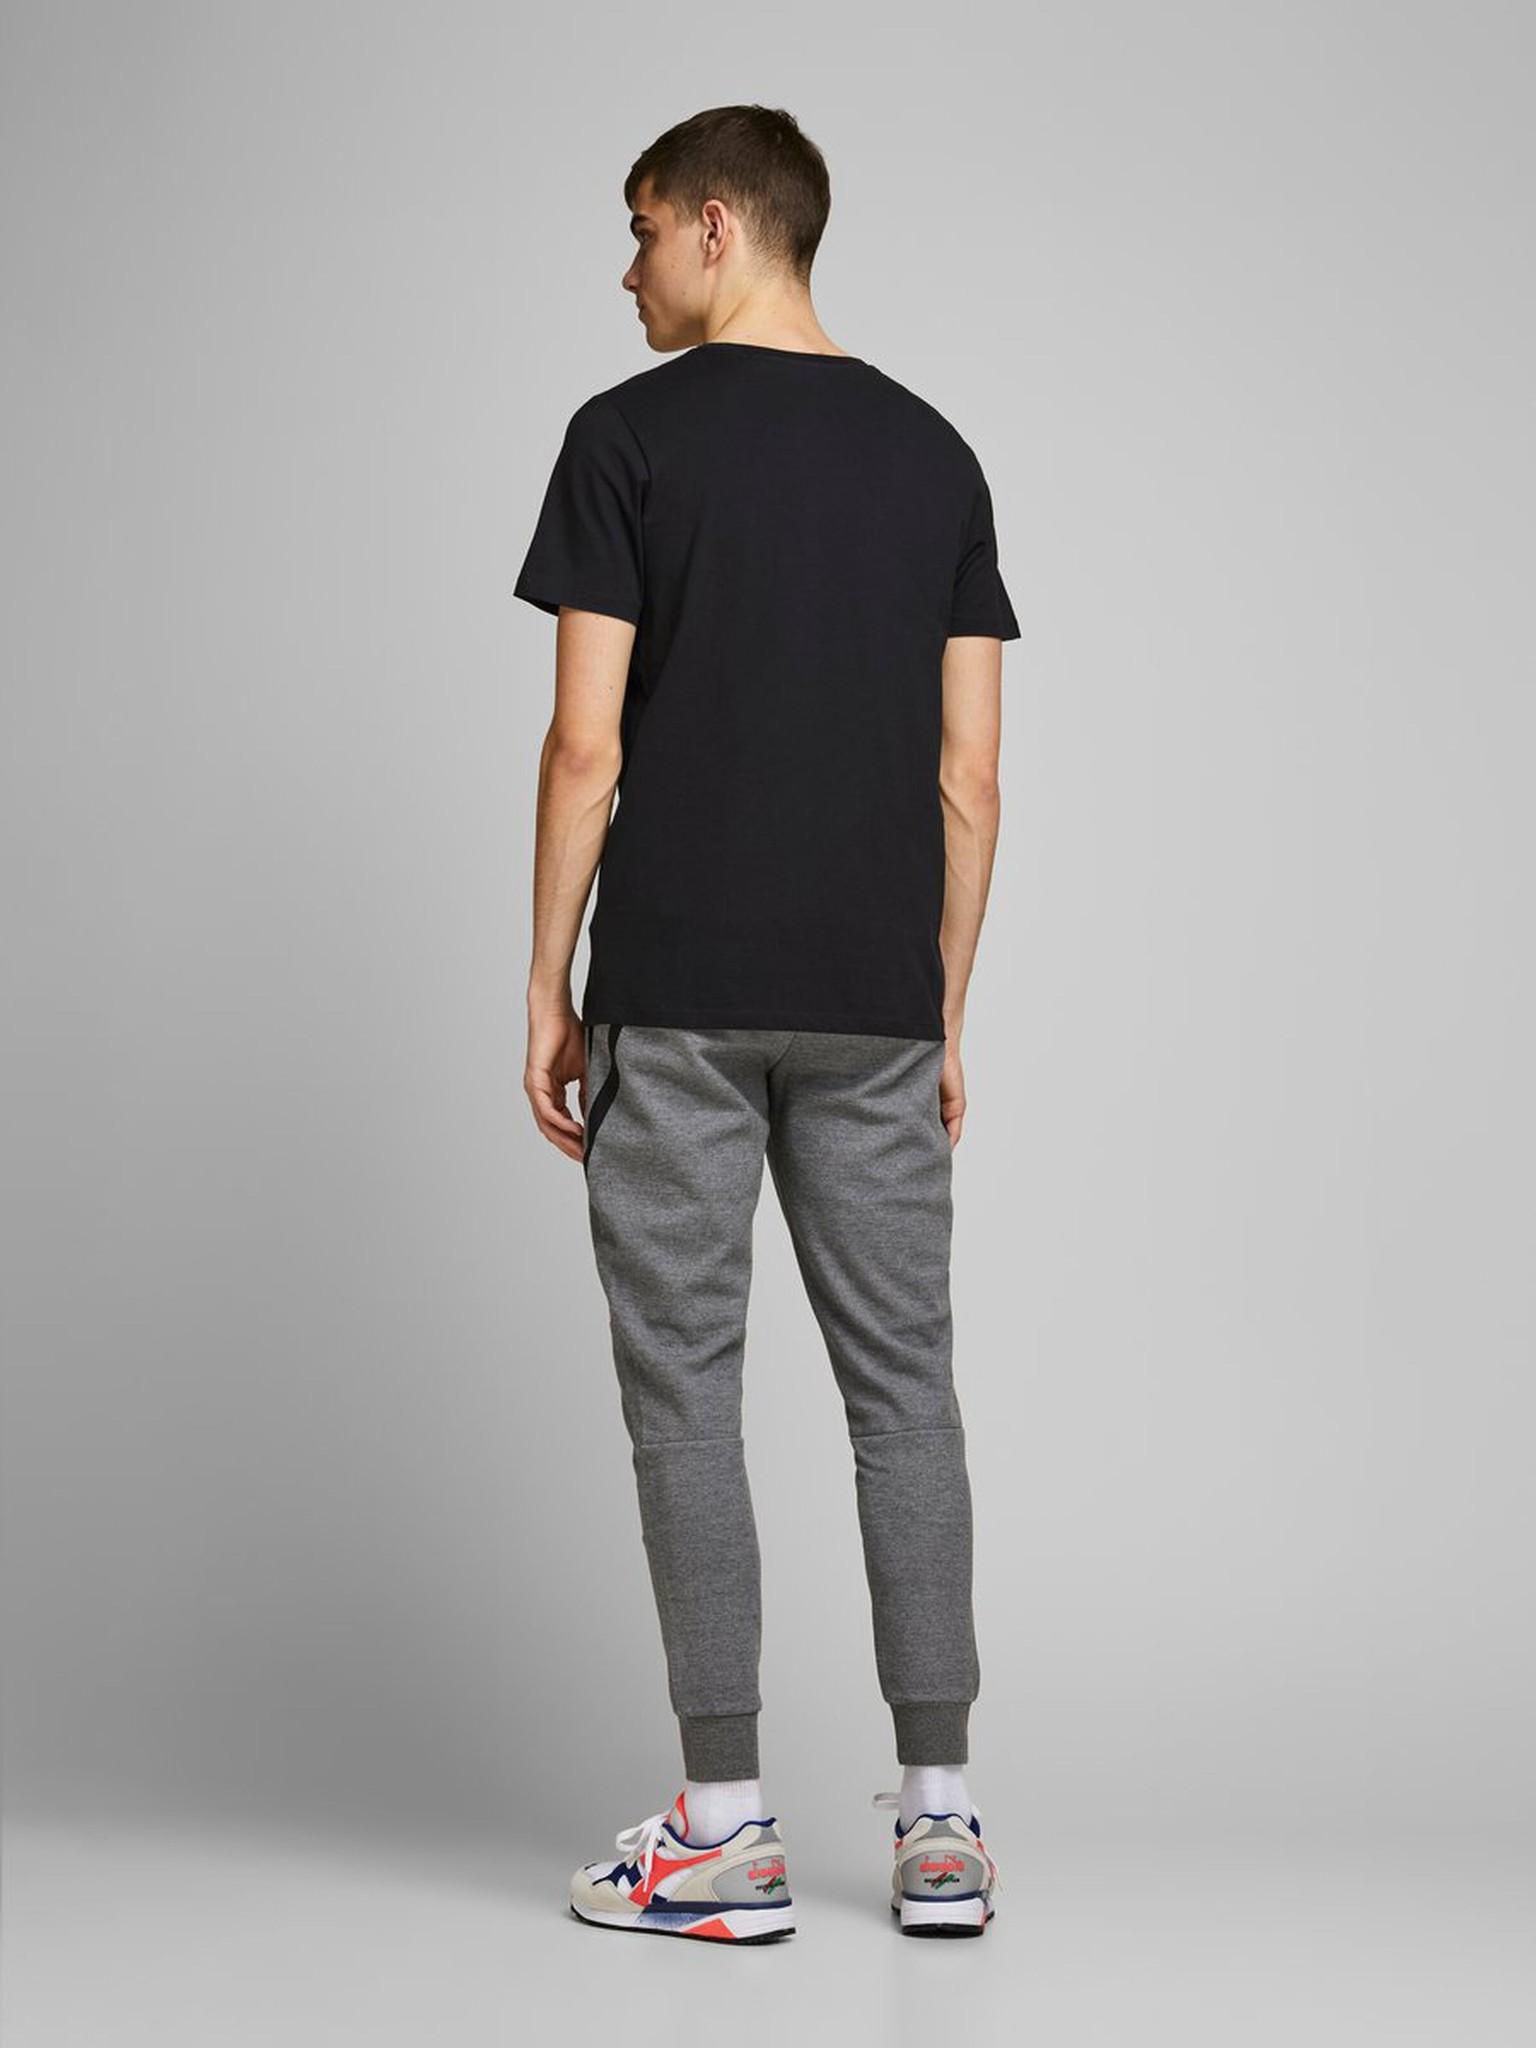 JACK & JONES coton biologique t shirt-9